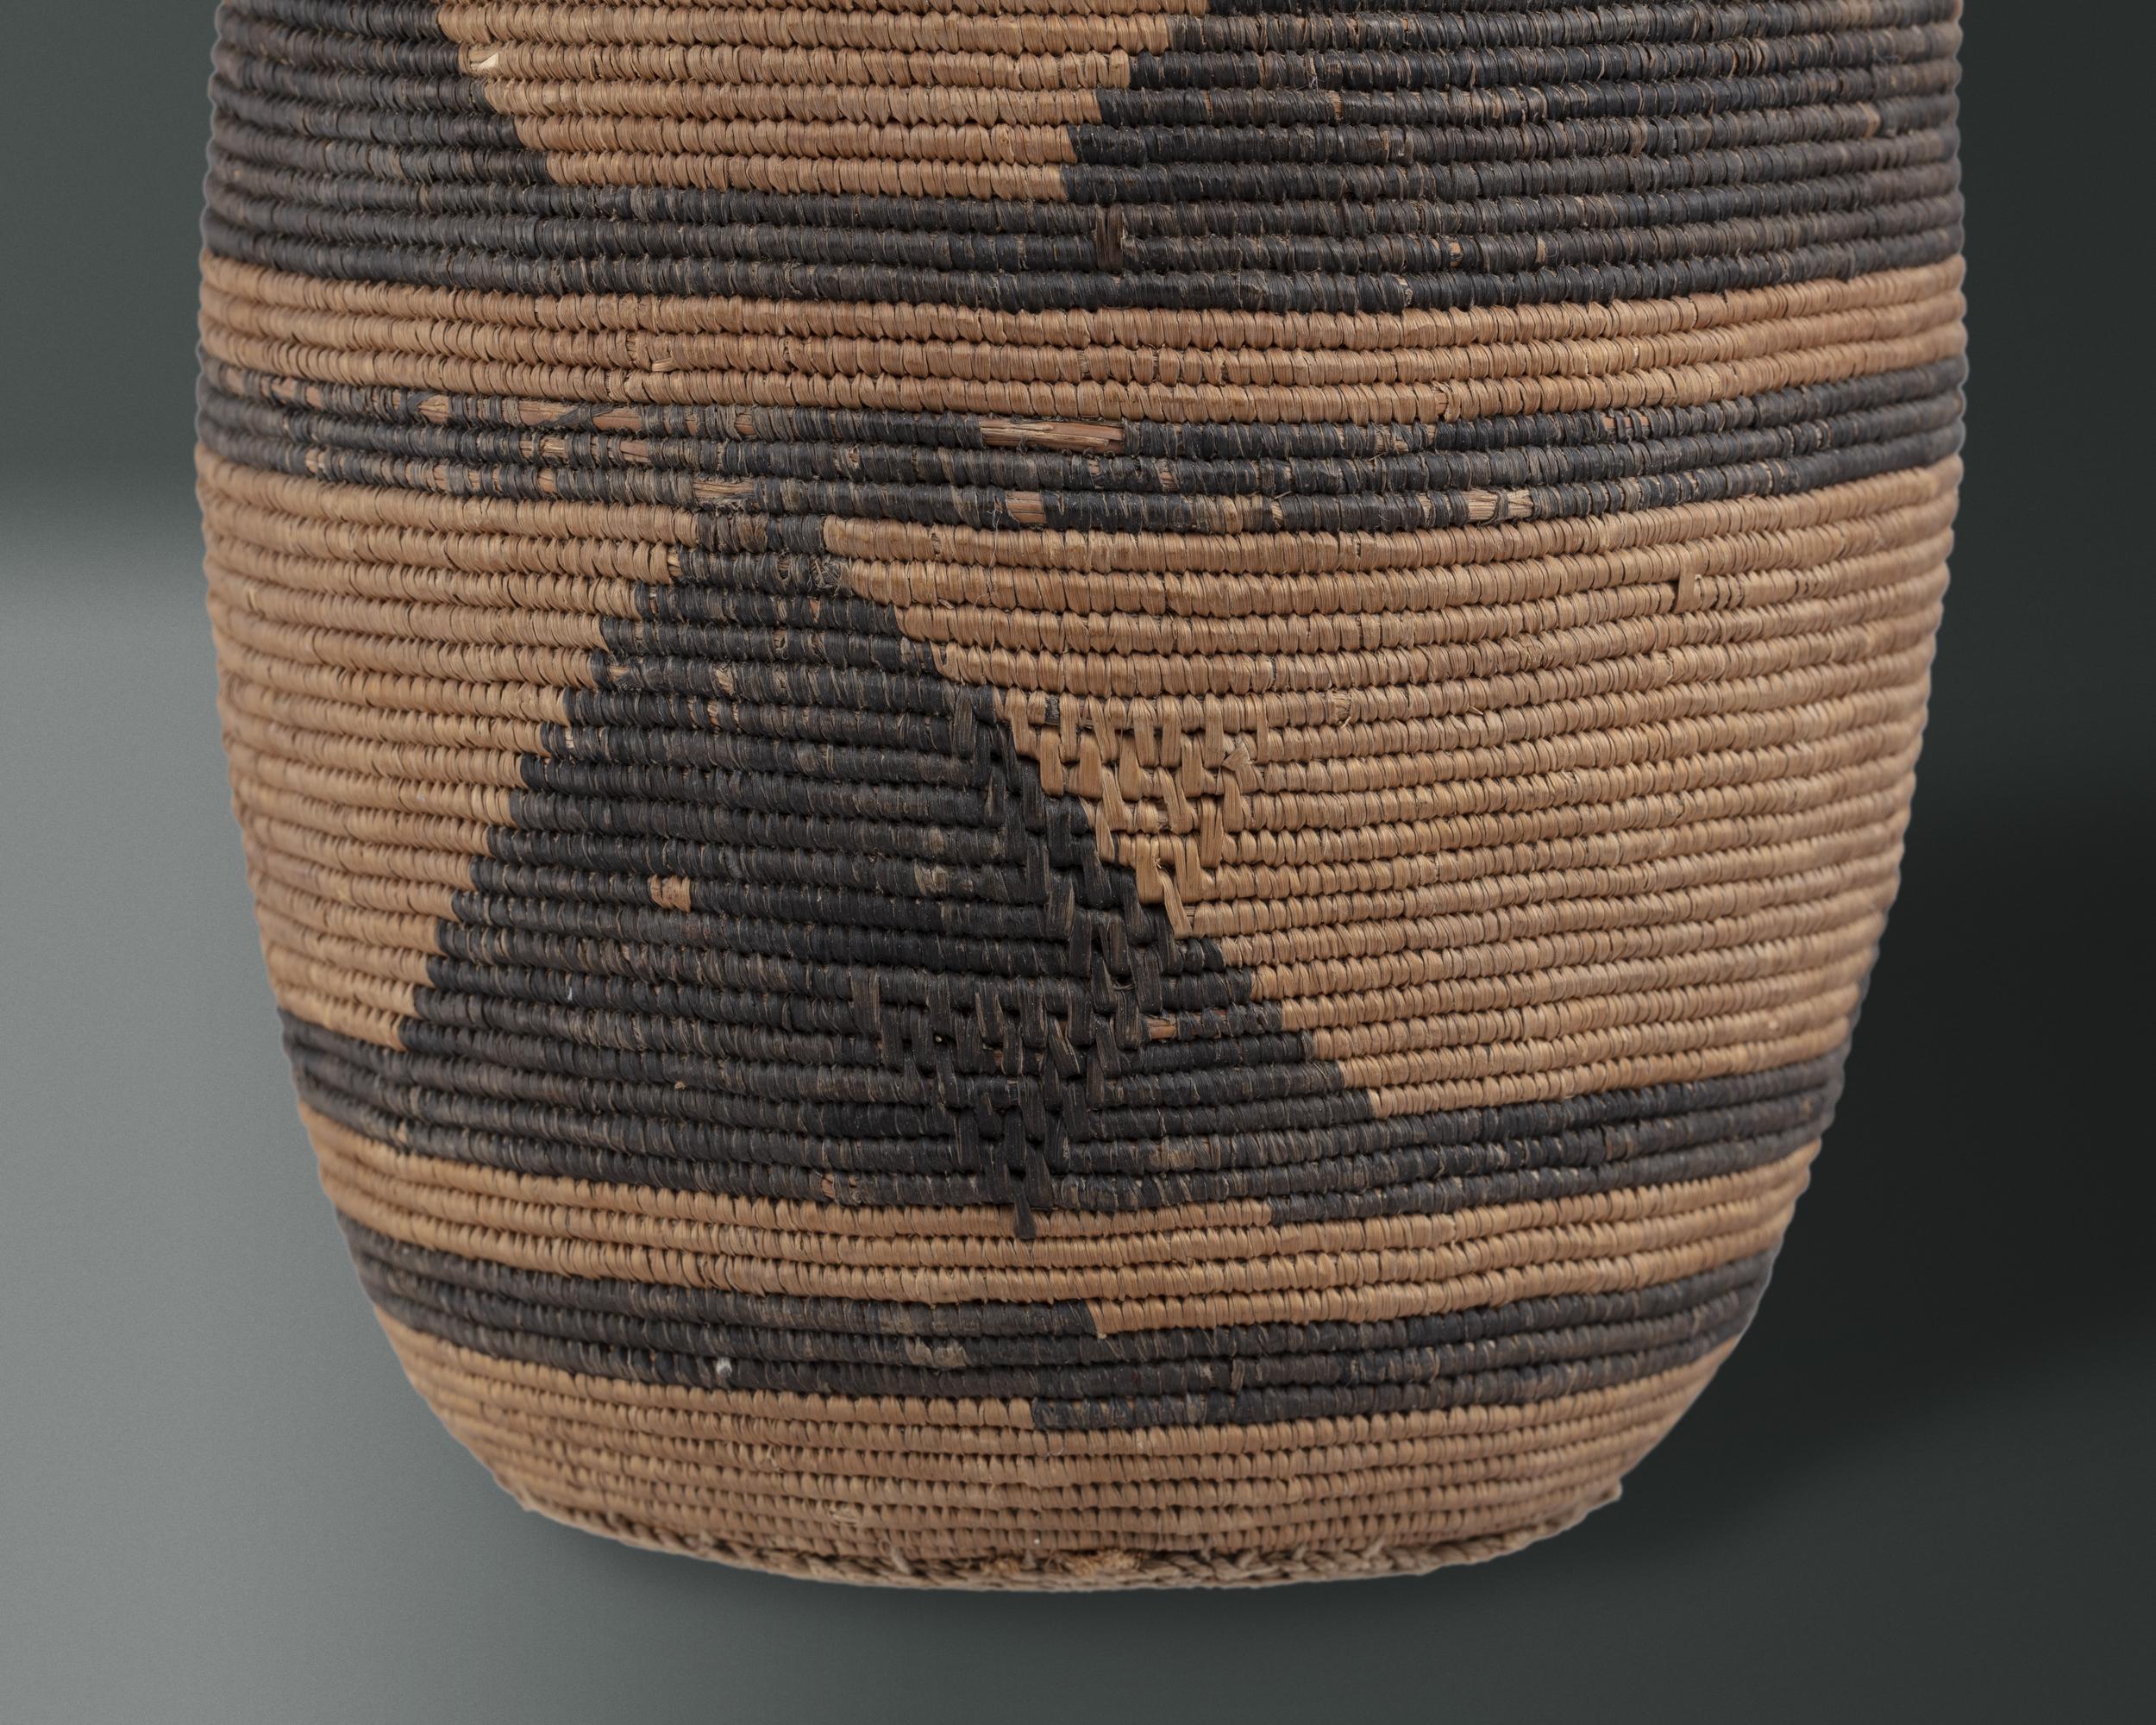 A Haya Basket